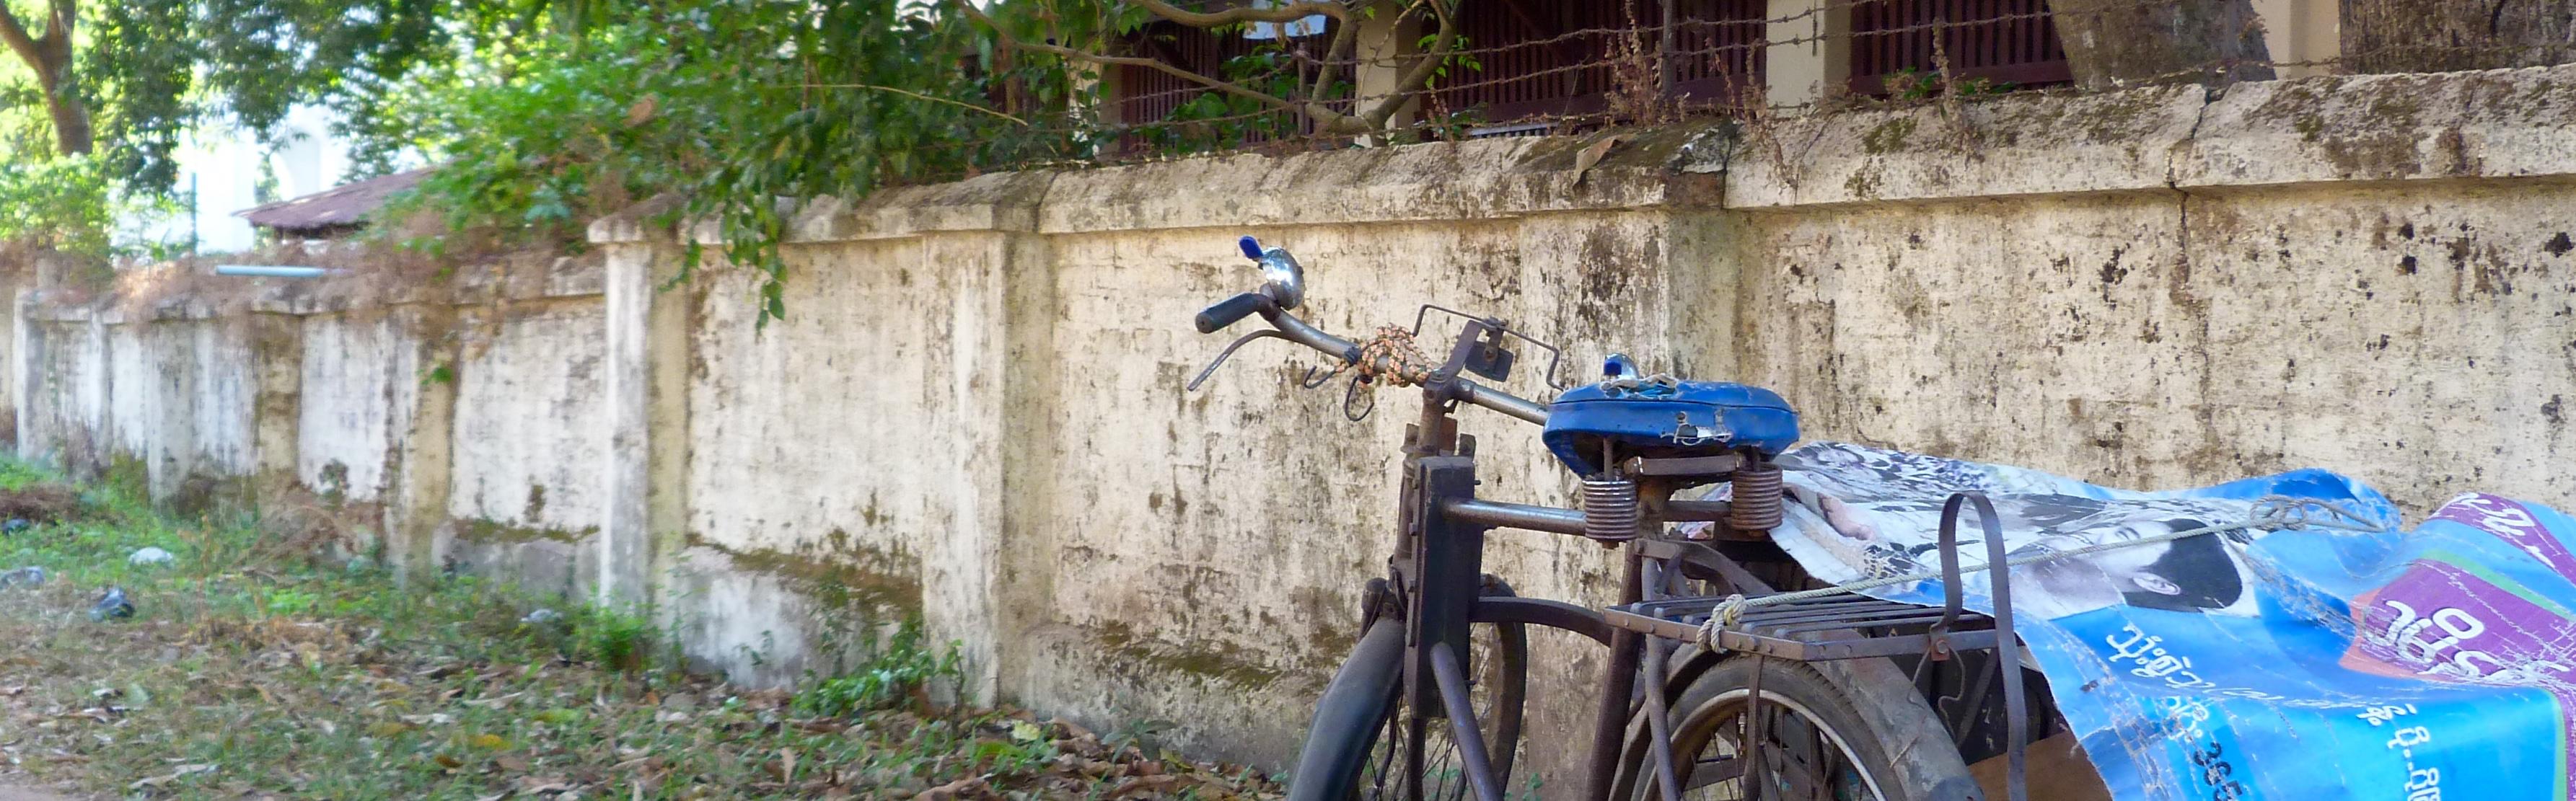 Explore Myanmar by bike